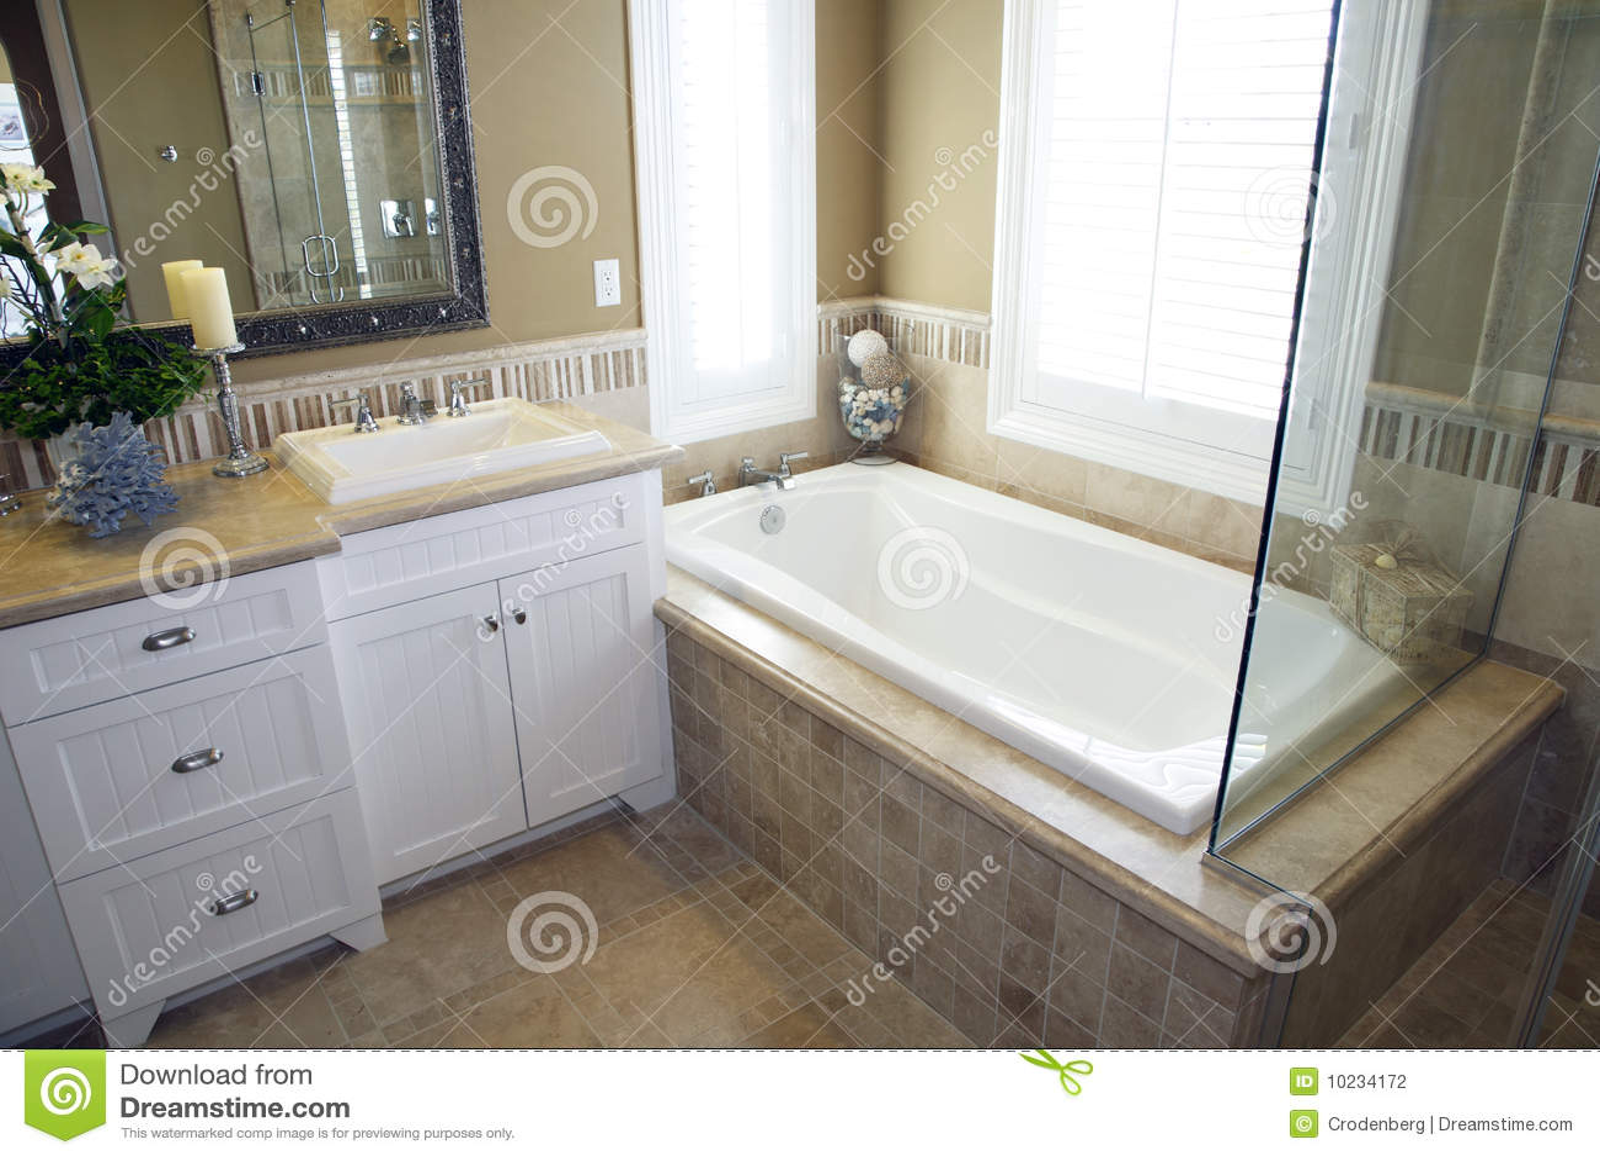 Baños Con Tina Fotos: de baño lujoso con una tina moderna y una decoración con estilo